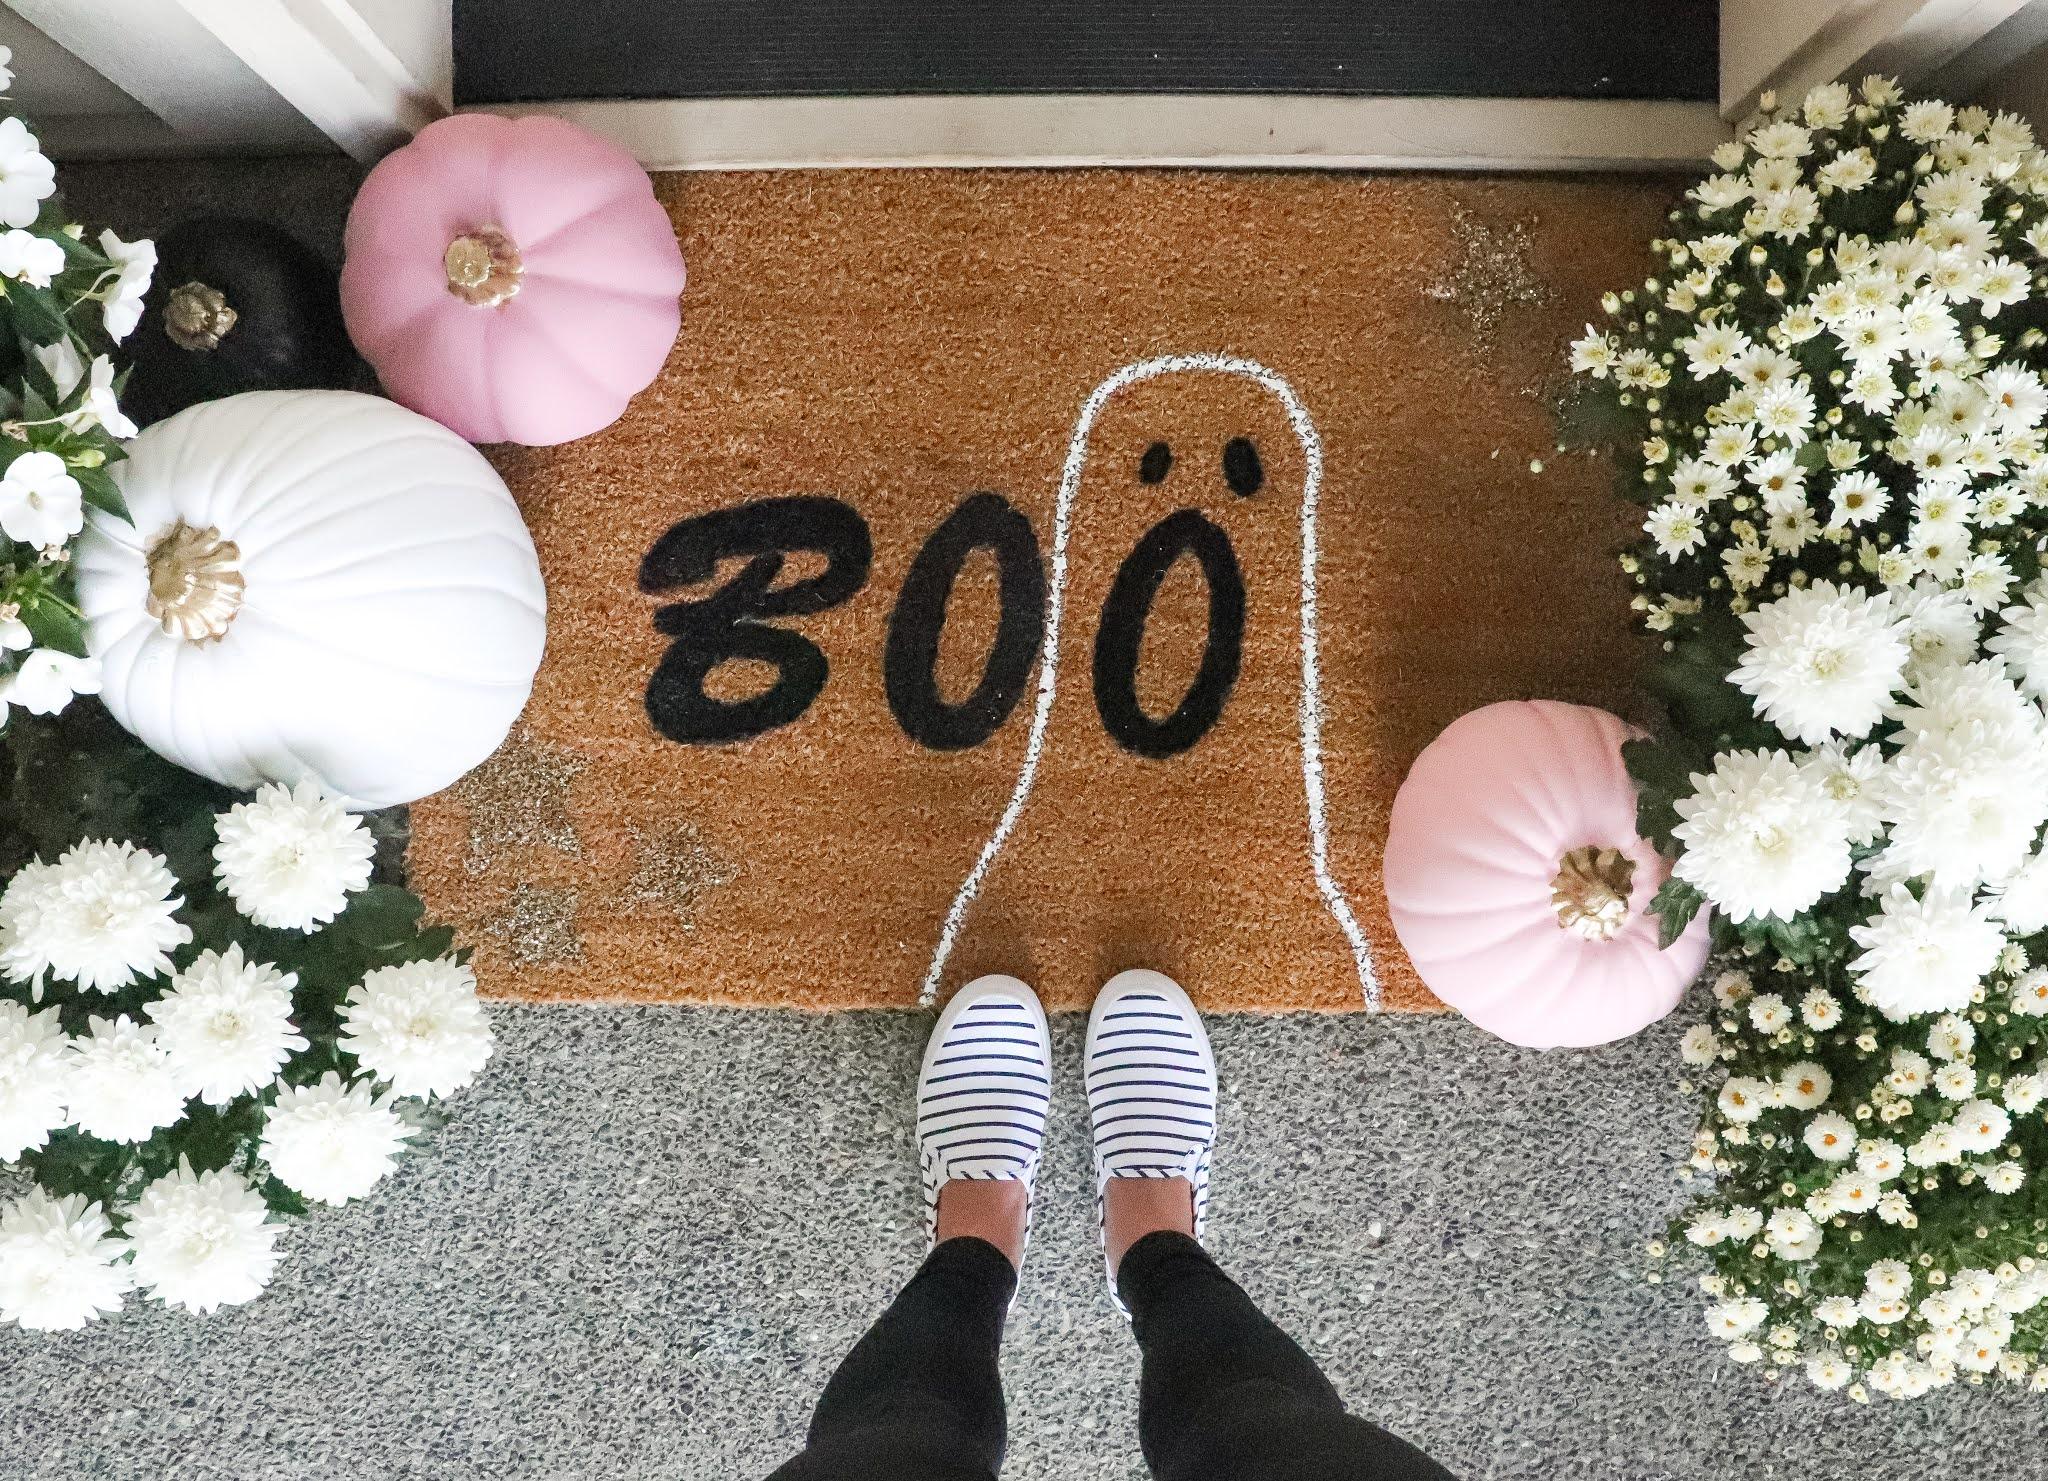 DIY door mat boo